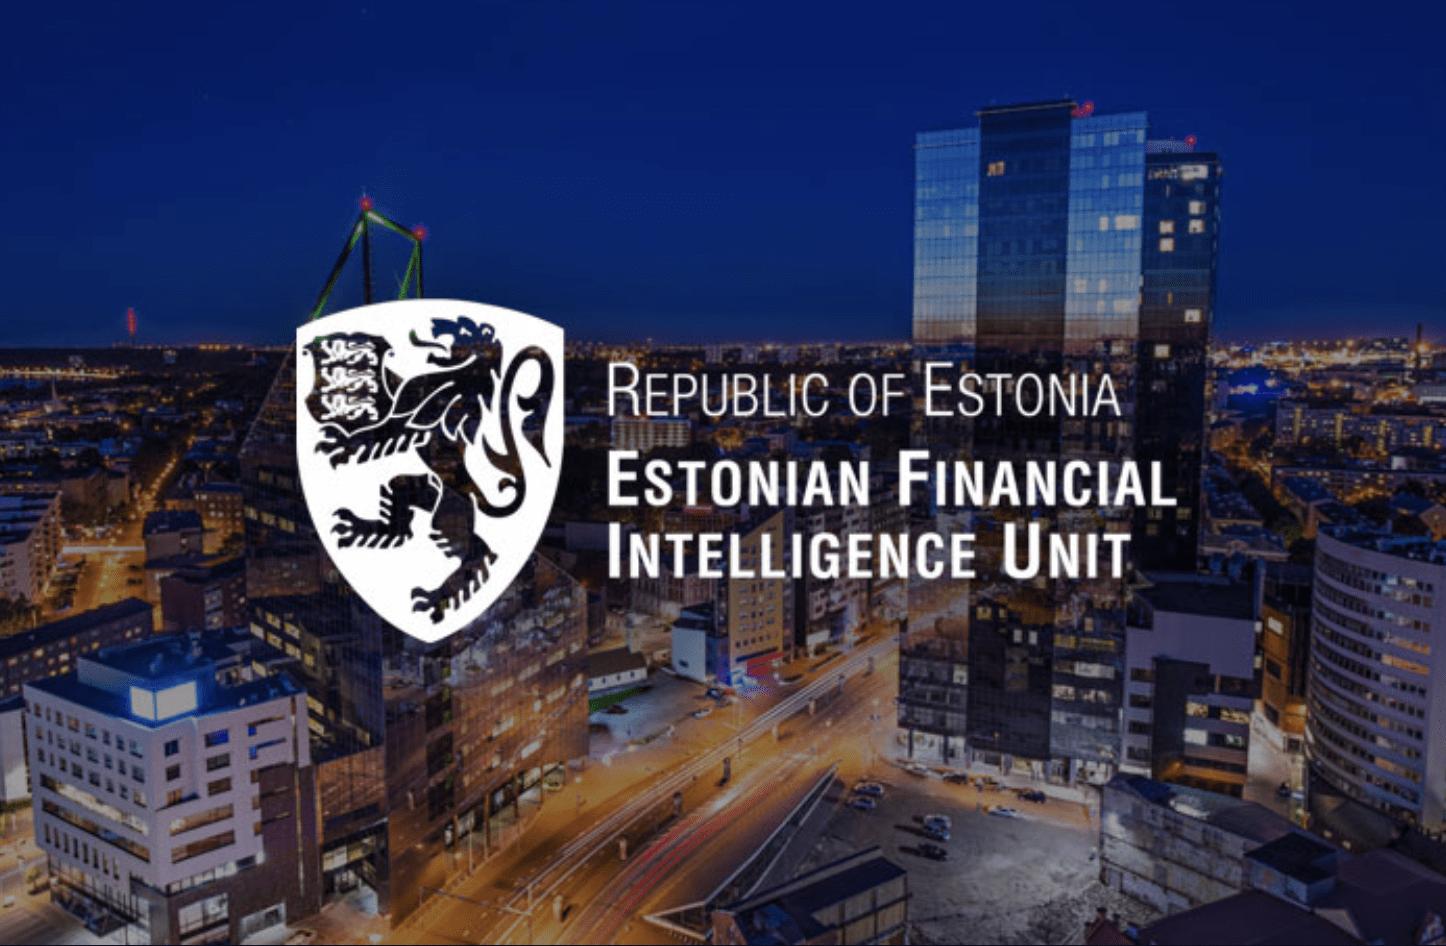 een bedrijf openen in estland hoe een bedrijf op te zetten in estland een bedrijf oprichten in estland en ingezeten estonie